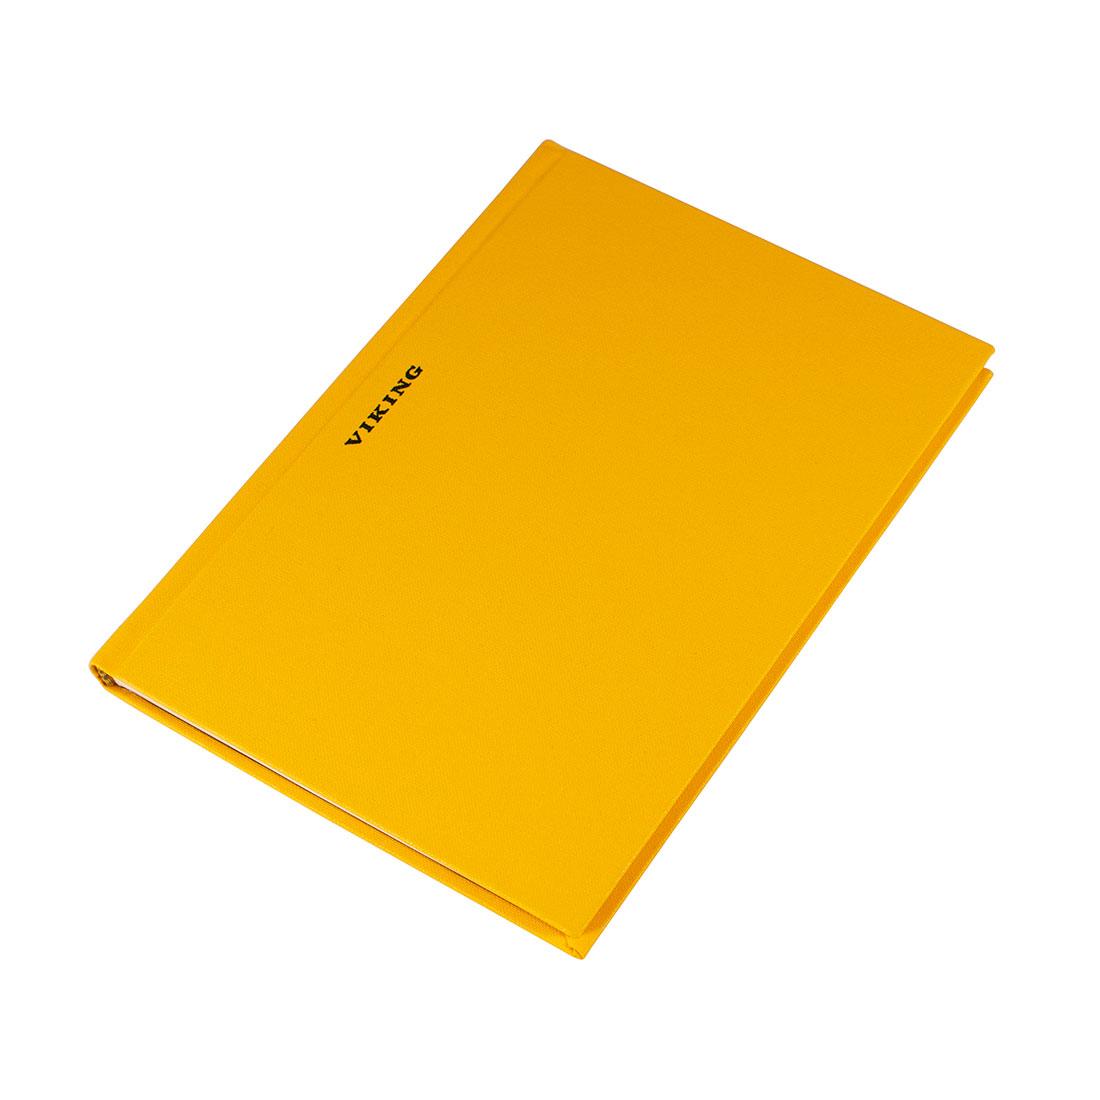 Viking Saga 105 - Yellow